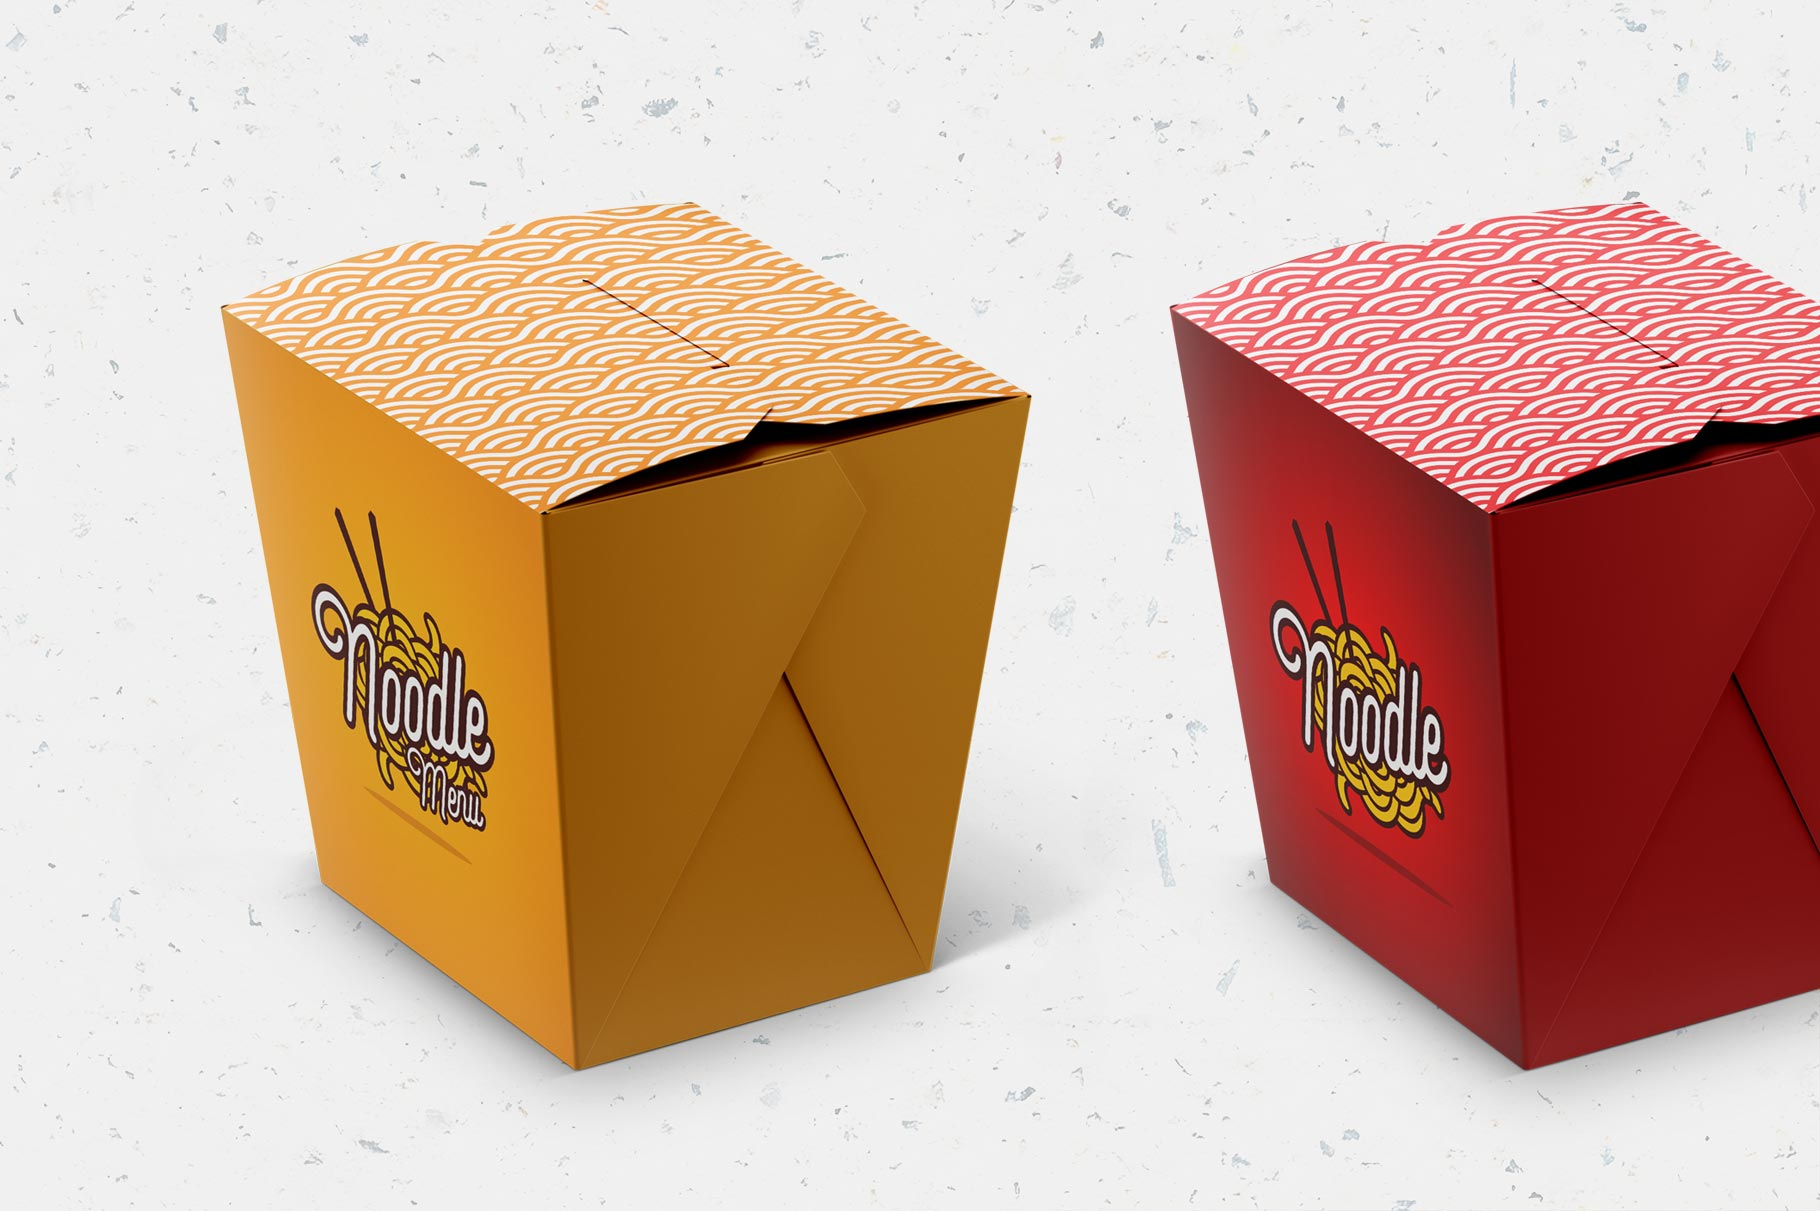 Free Noodles Box Mockup Set